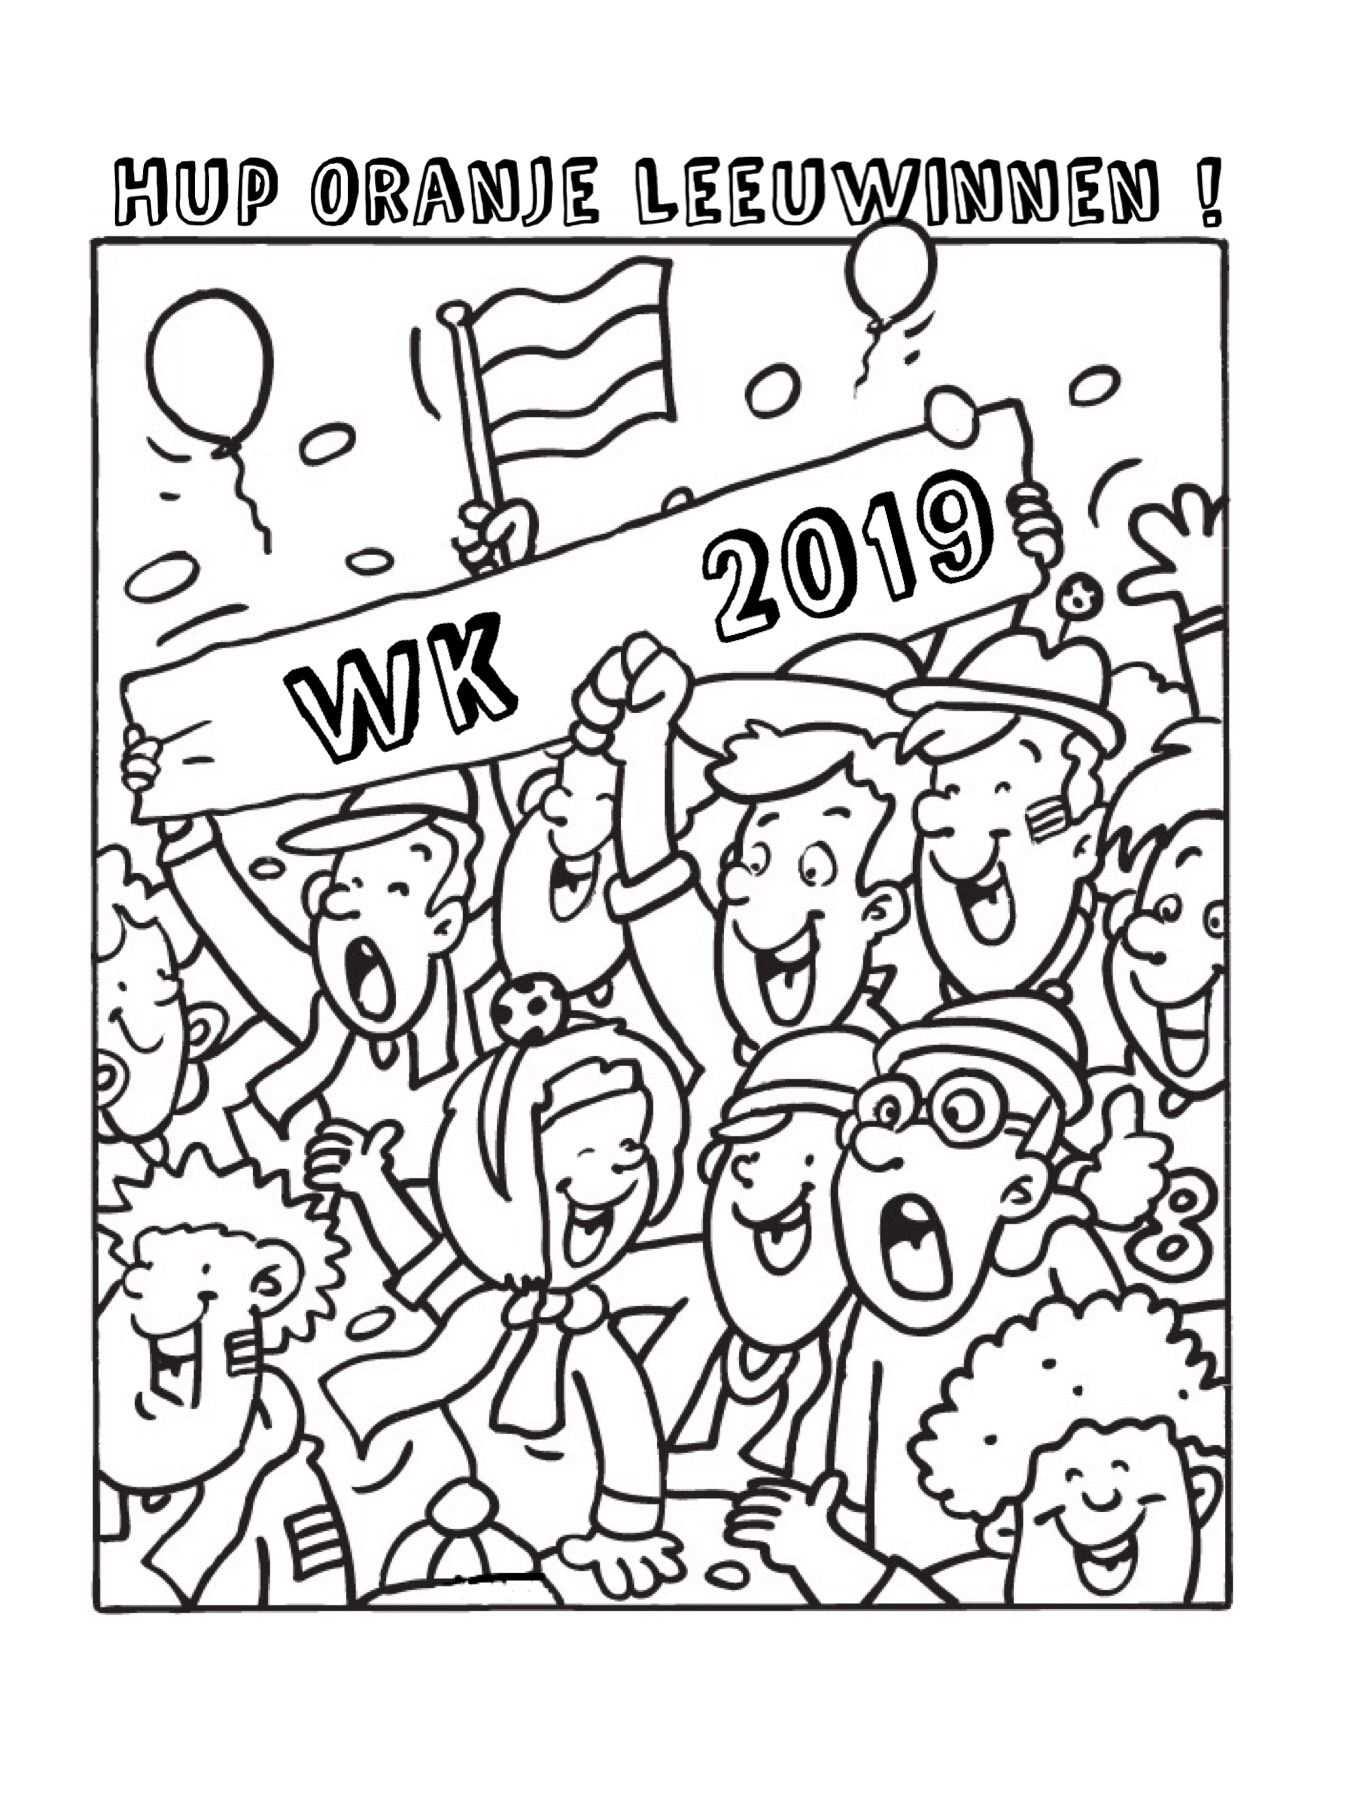 Kleurplaat Oranje Leeuwinnen Wk 2019 Voetbal Vrouwen